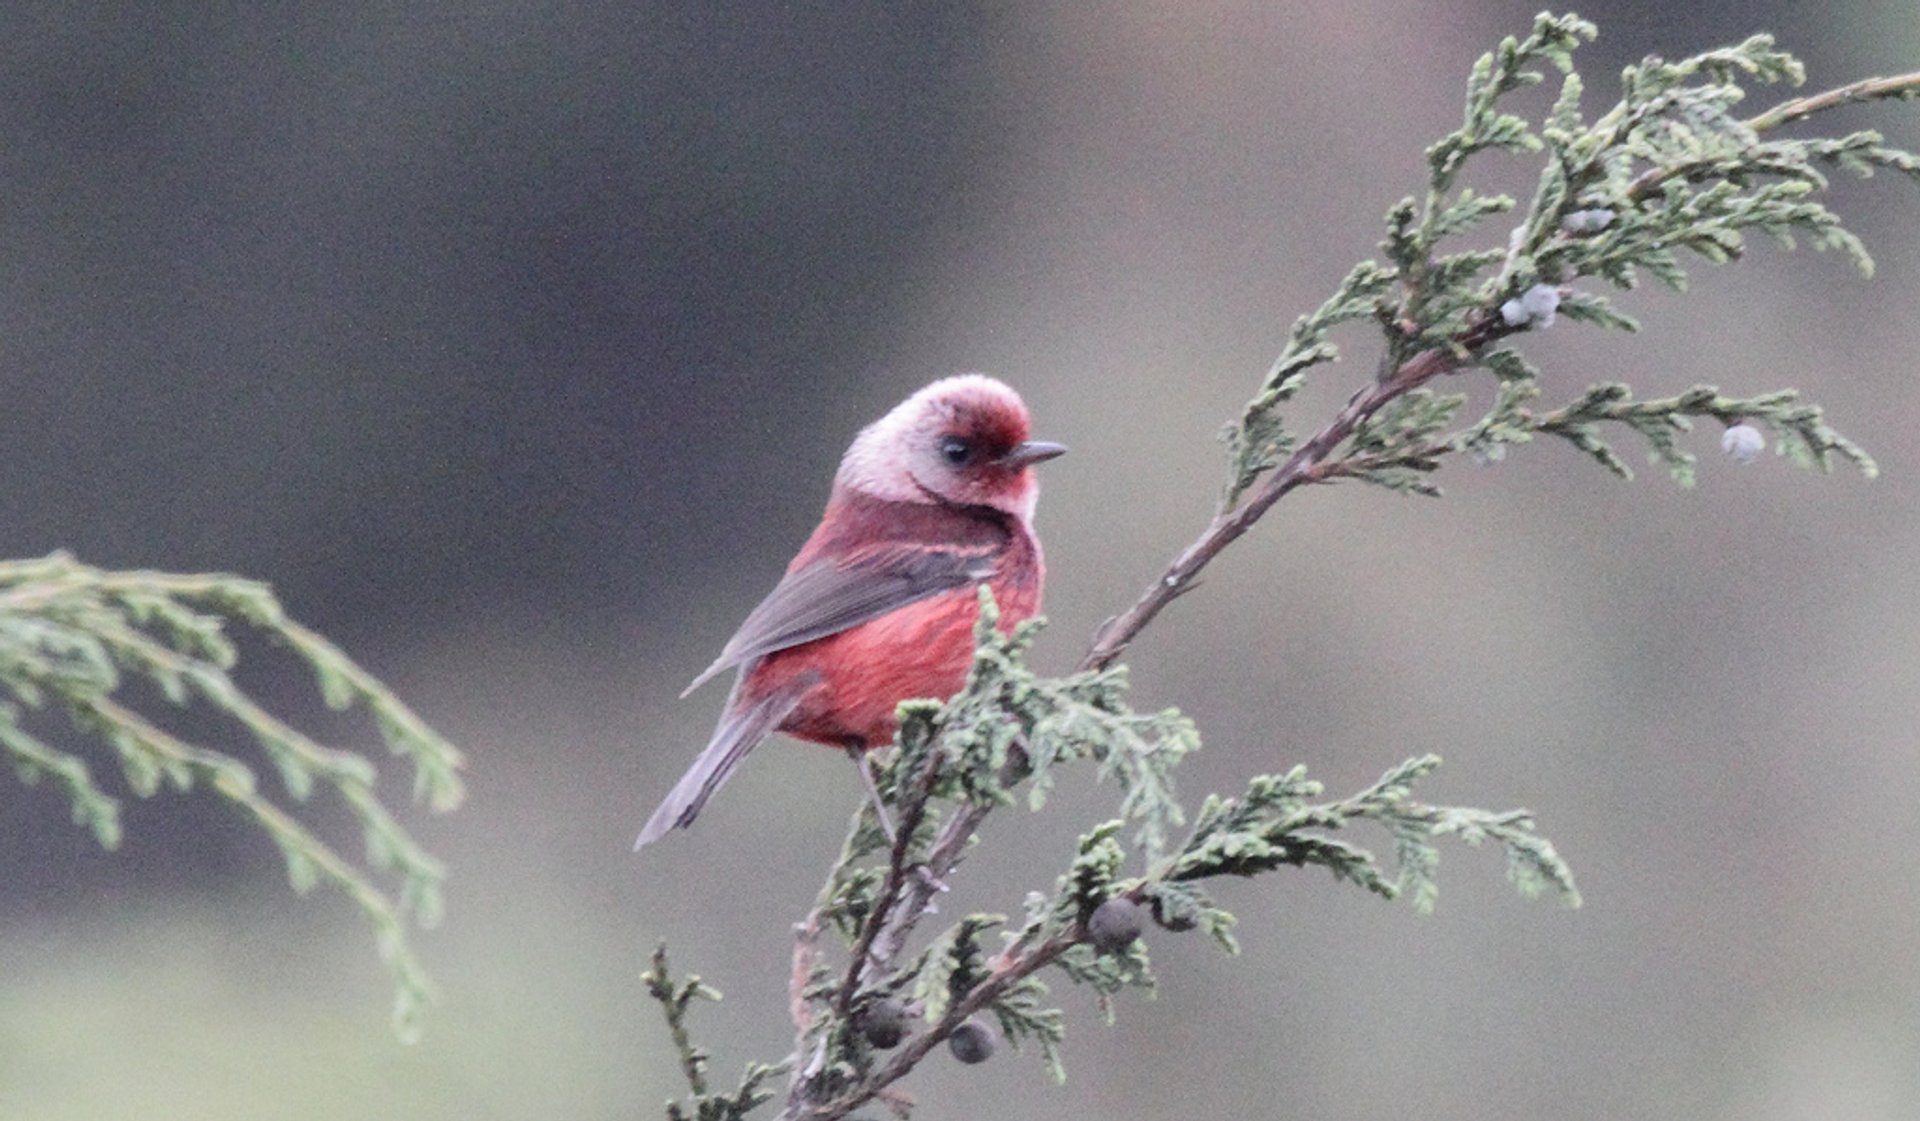 Pink-headed Warbler (Ergaticus versicolor) 2019